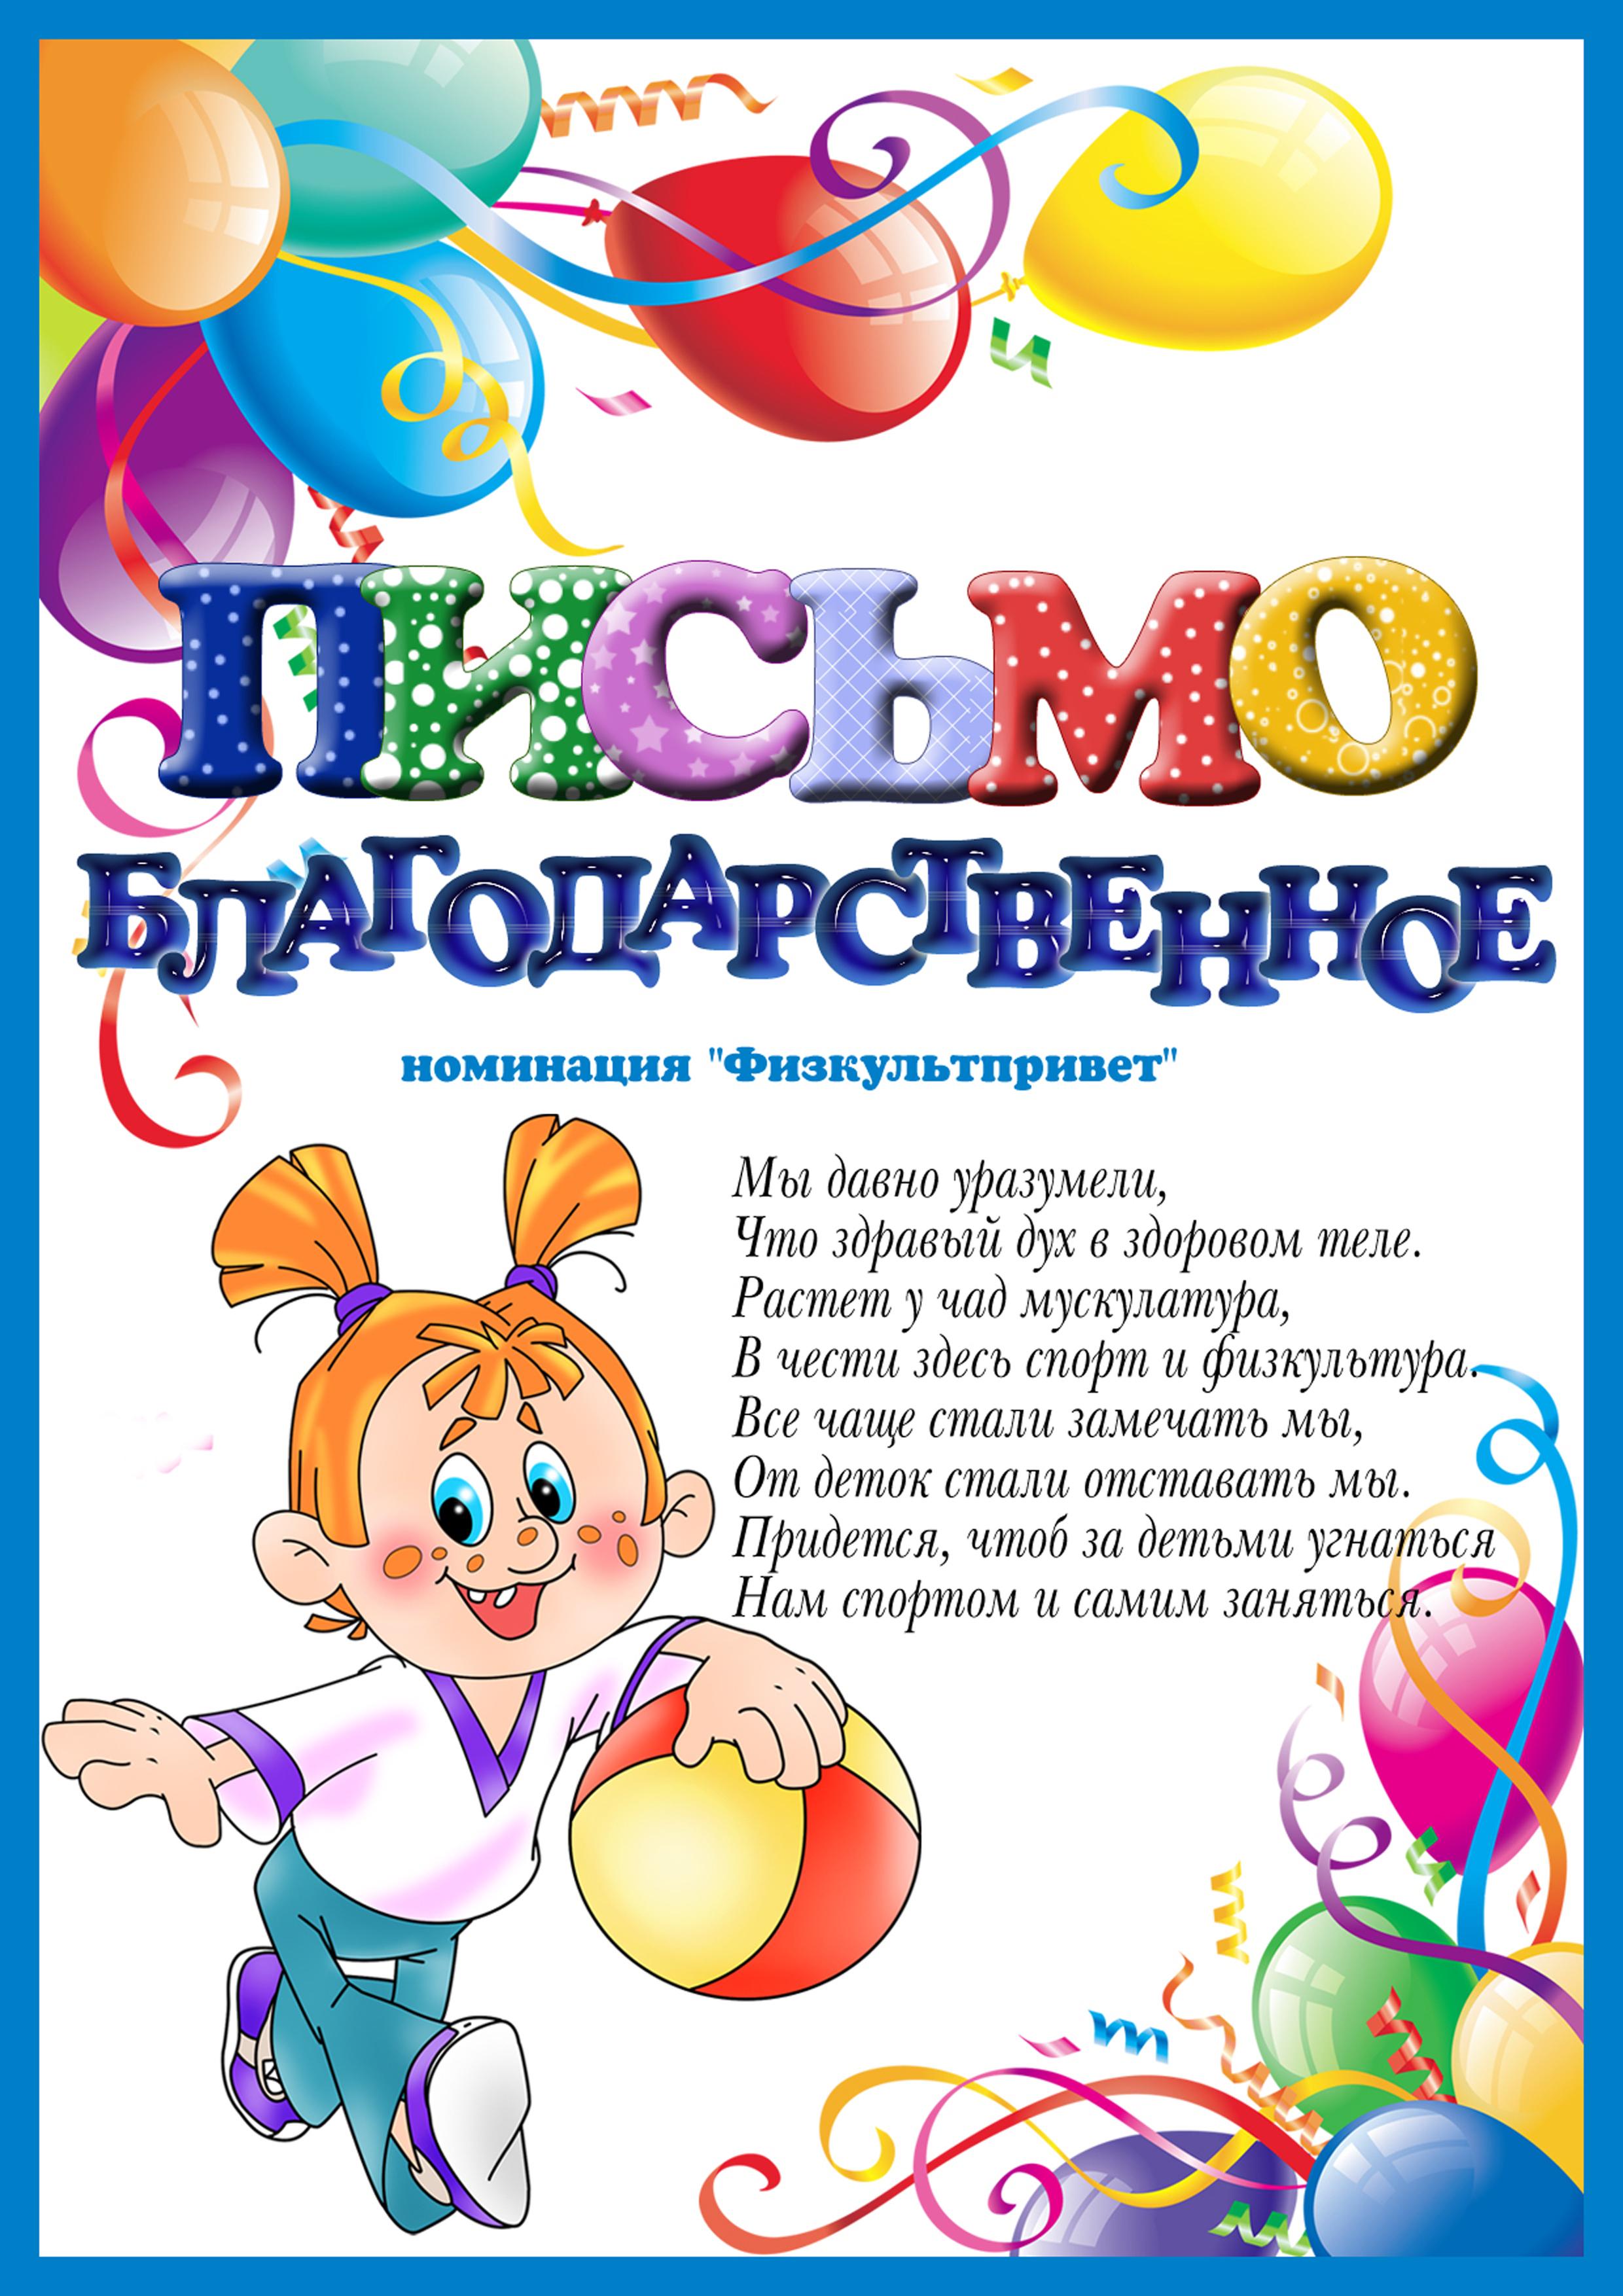 Поздравление работников детского сада с номинациями